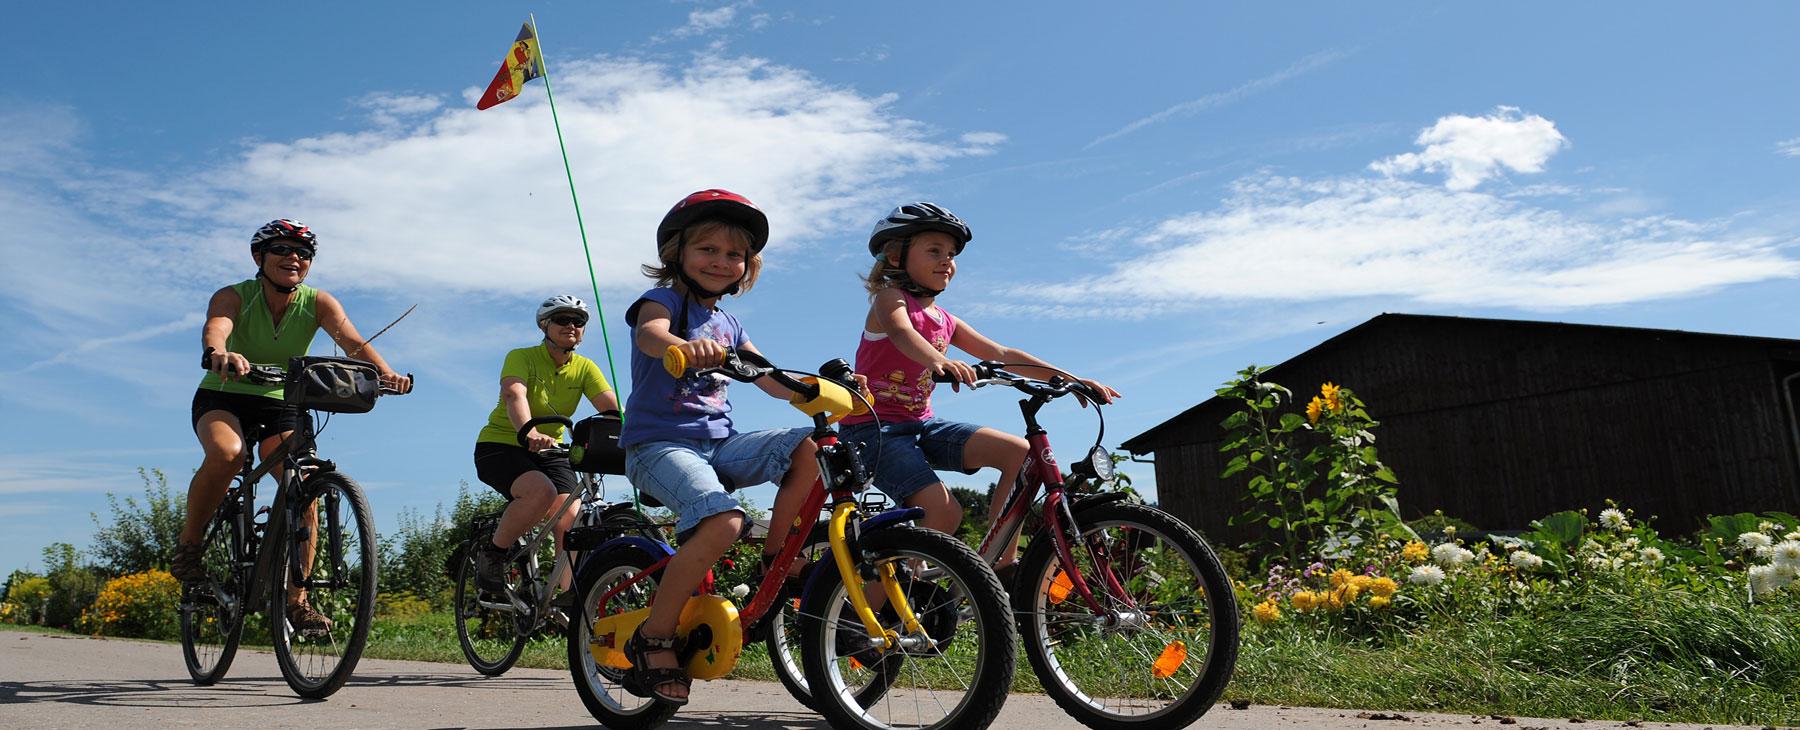 Familie am Radfahren